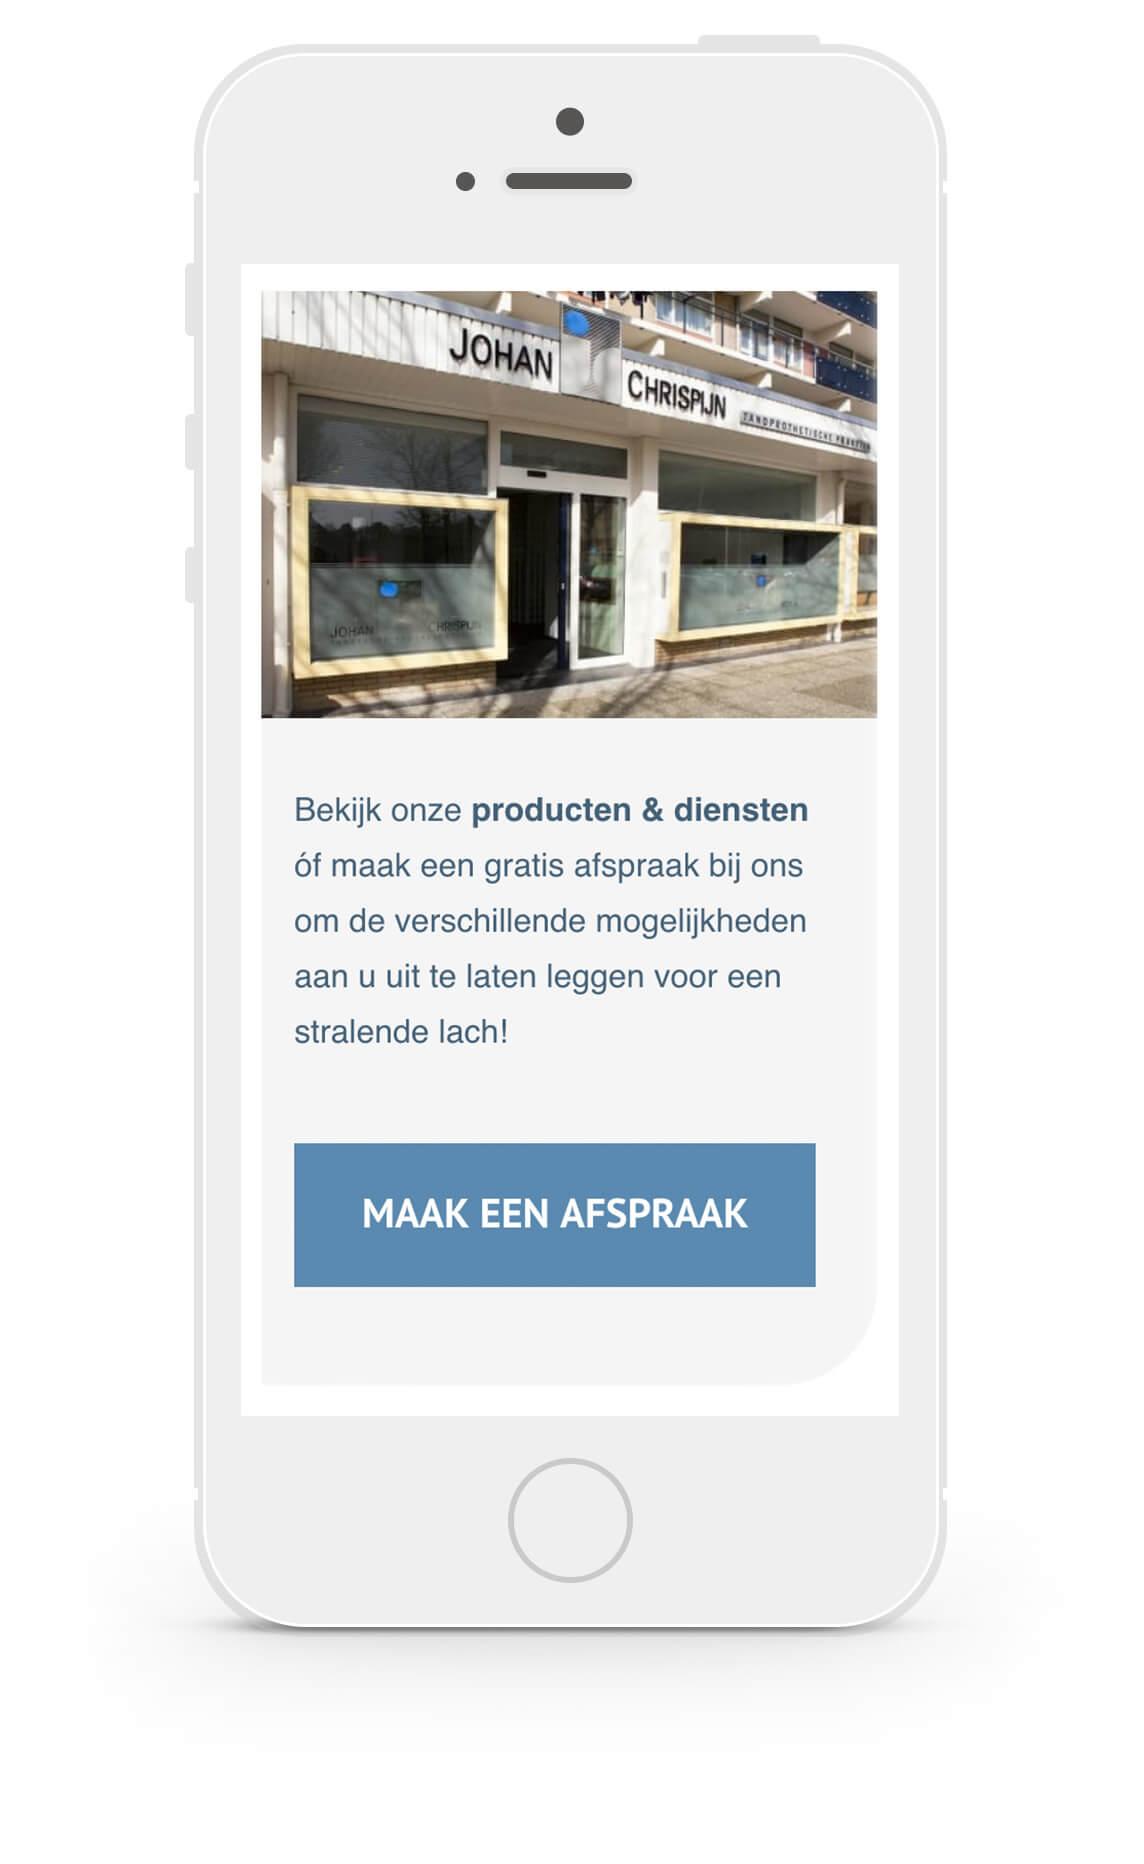 chrispijn_mobile3.jpg